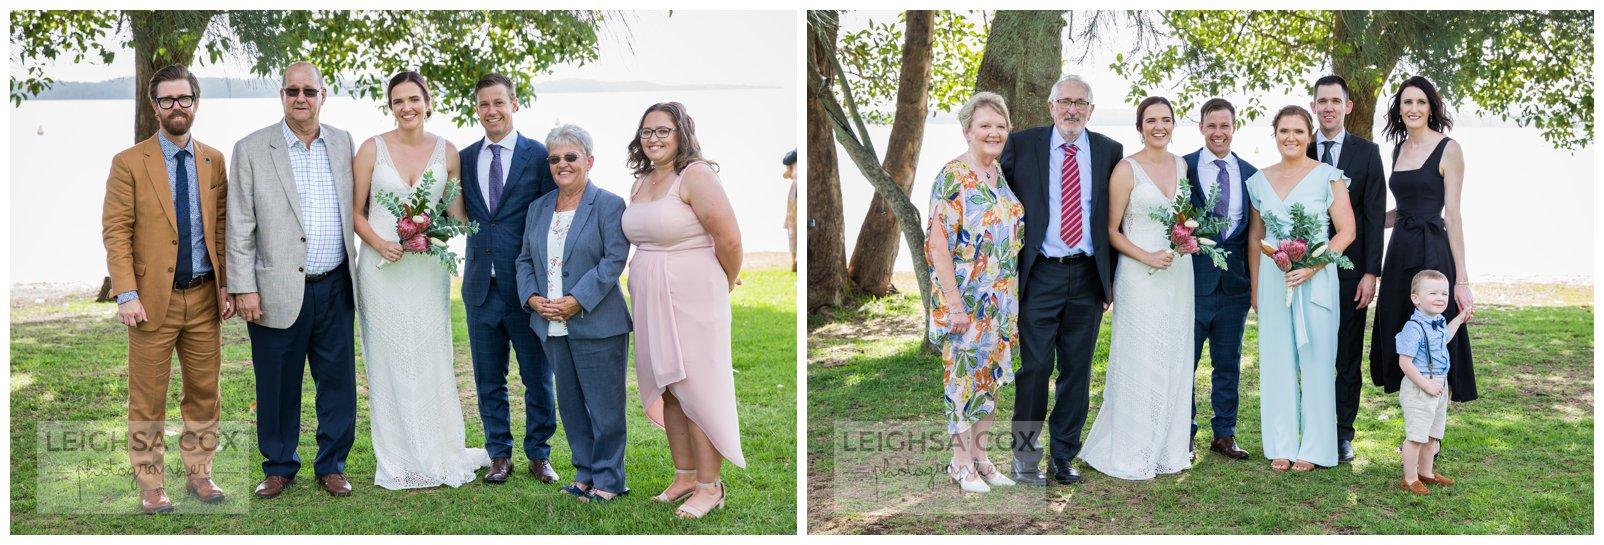 family photos wedding